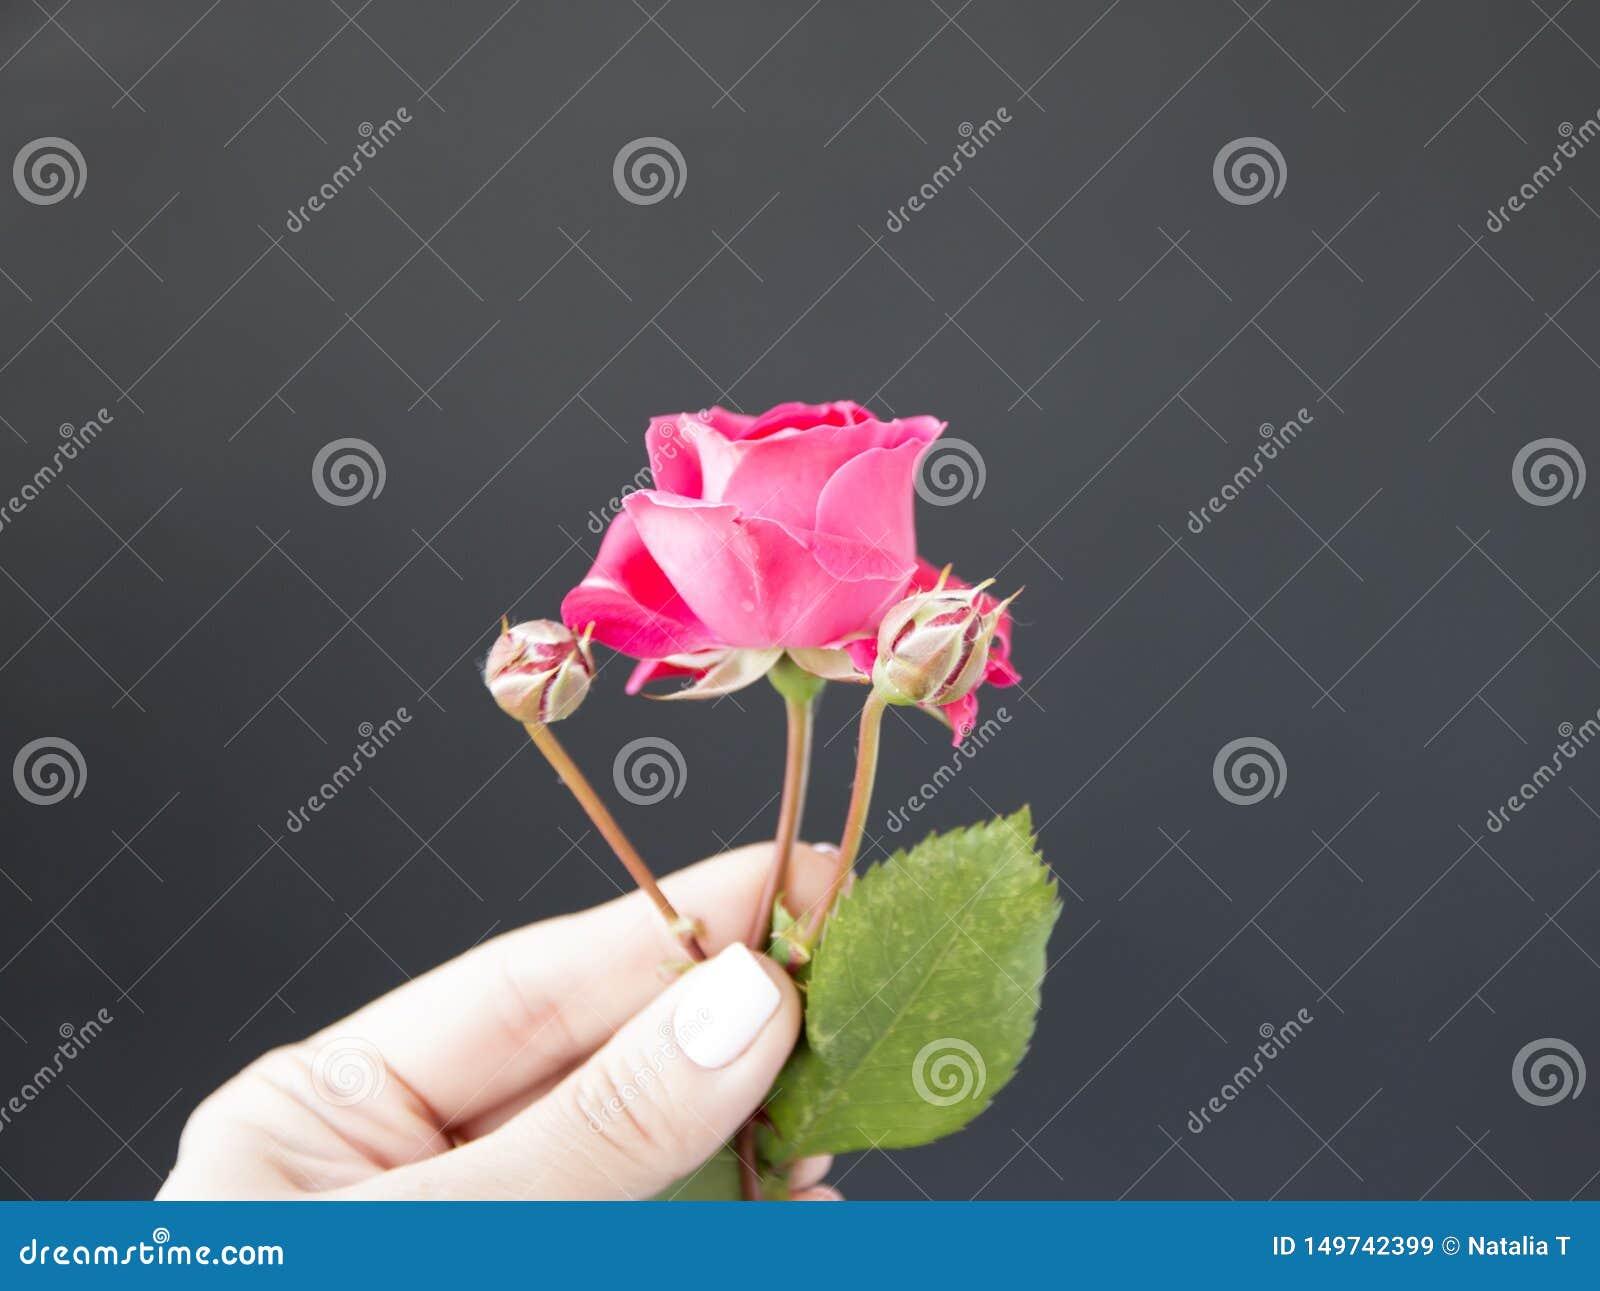 Rosa stieg in der Hand gegen, ein schwarzer Hintergrund